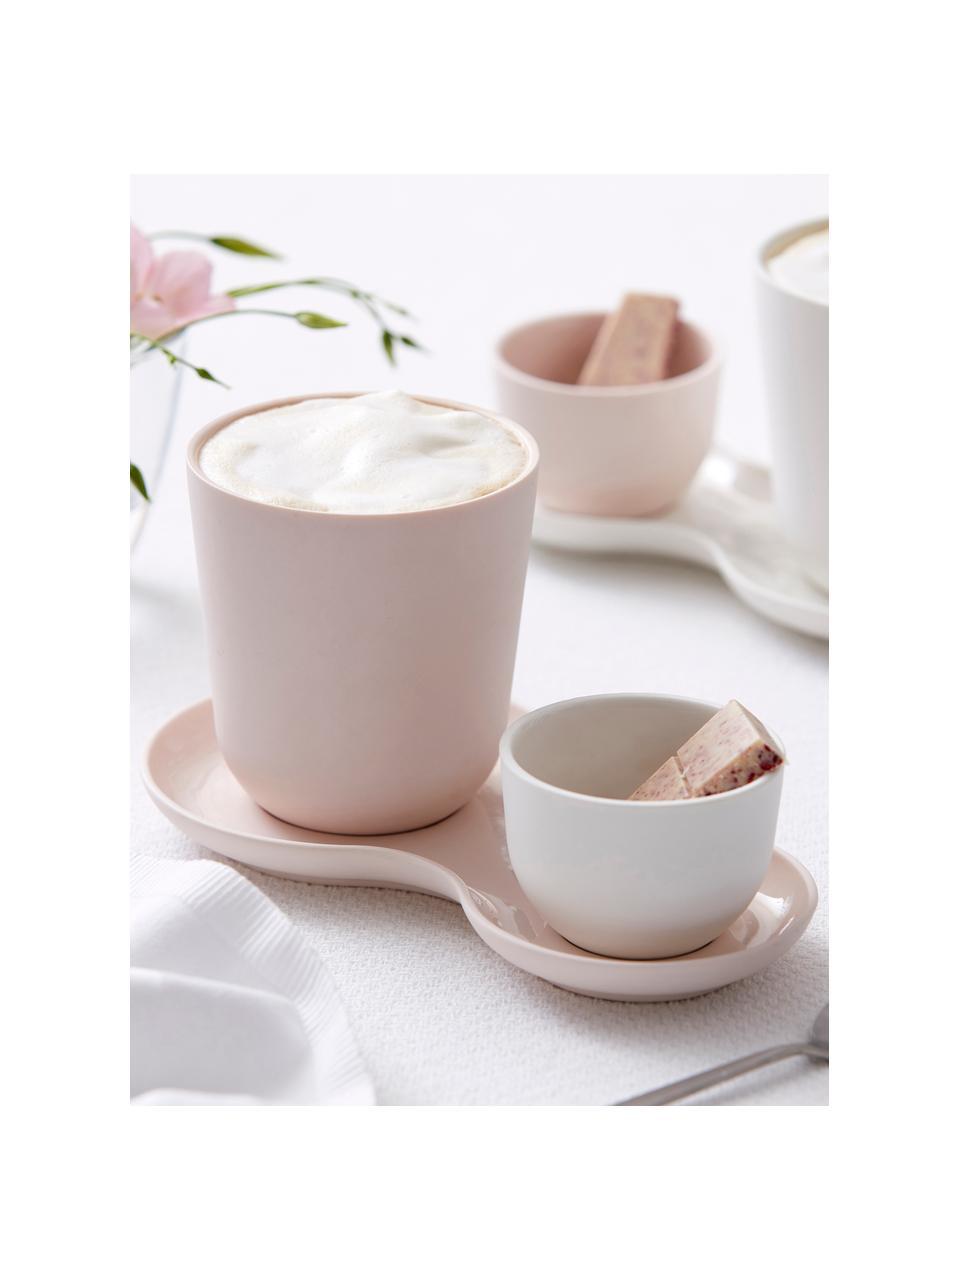 Becher Roseberry mit kleinem Schälchen in Rosa matt/glänzend, 3er-Set, Porzellan, Gebrochenes Weiß, Rosa, Set mit verschiedenen Größen